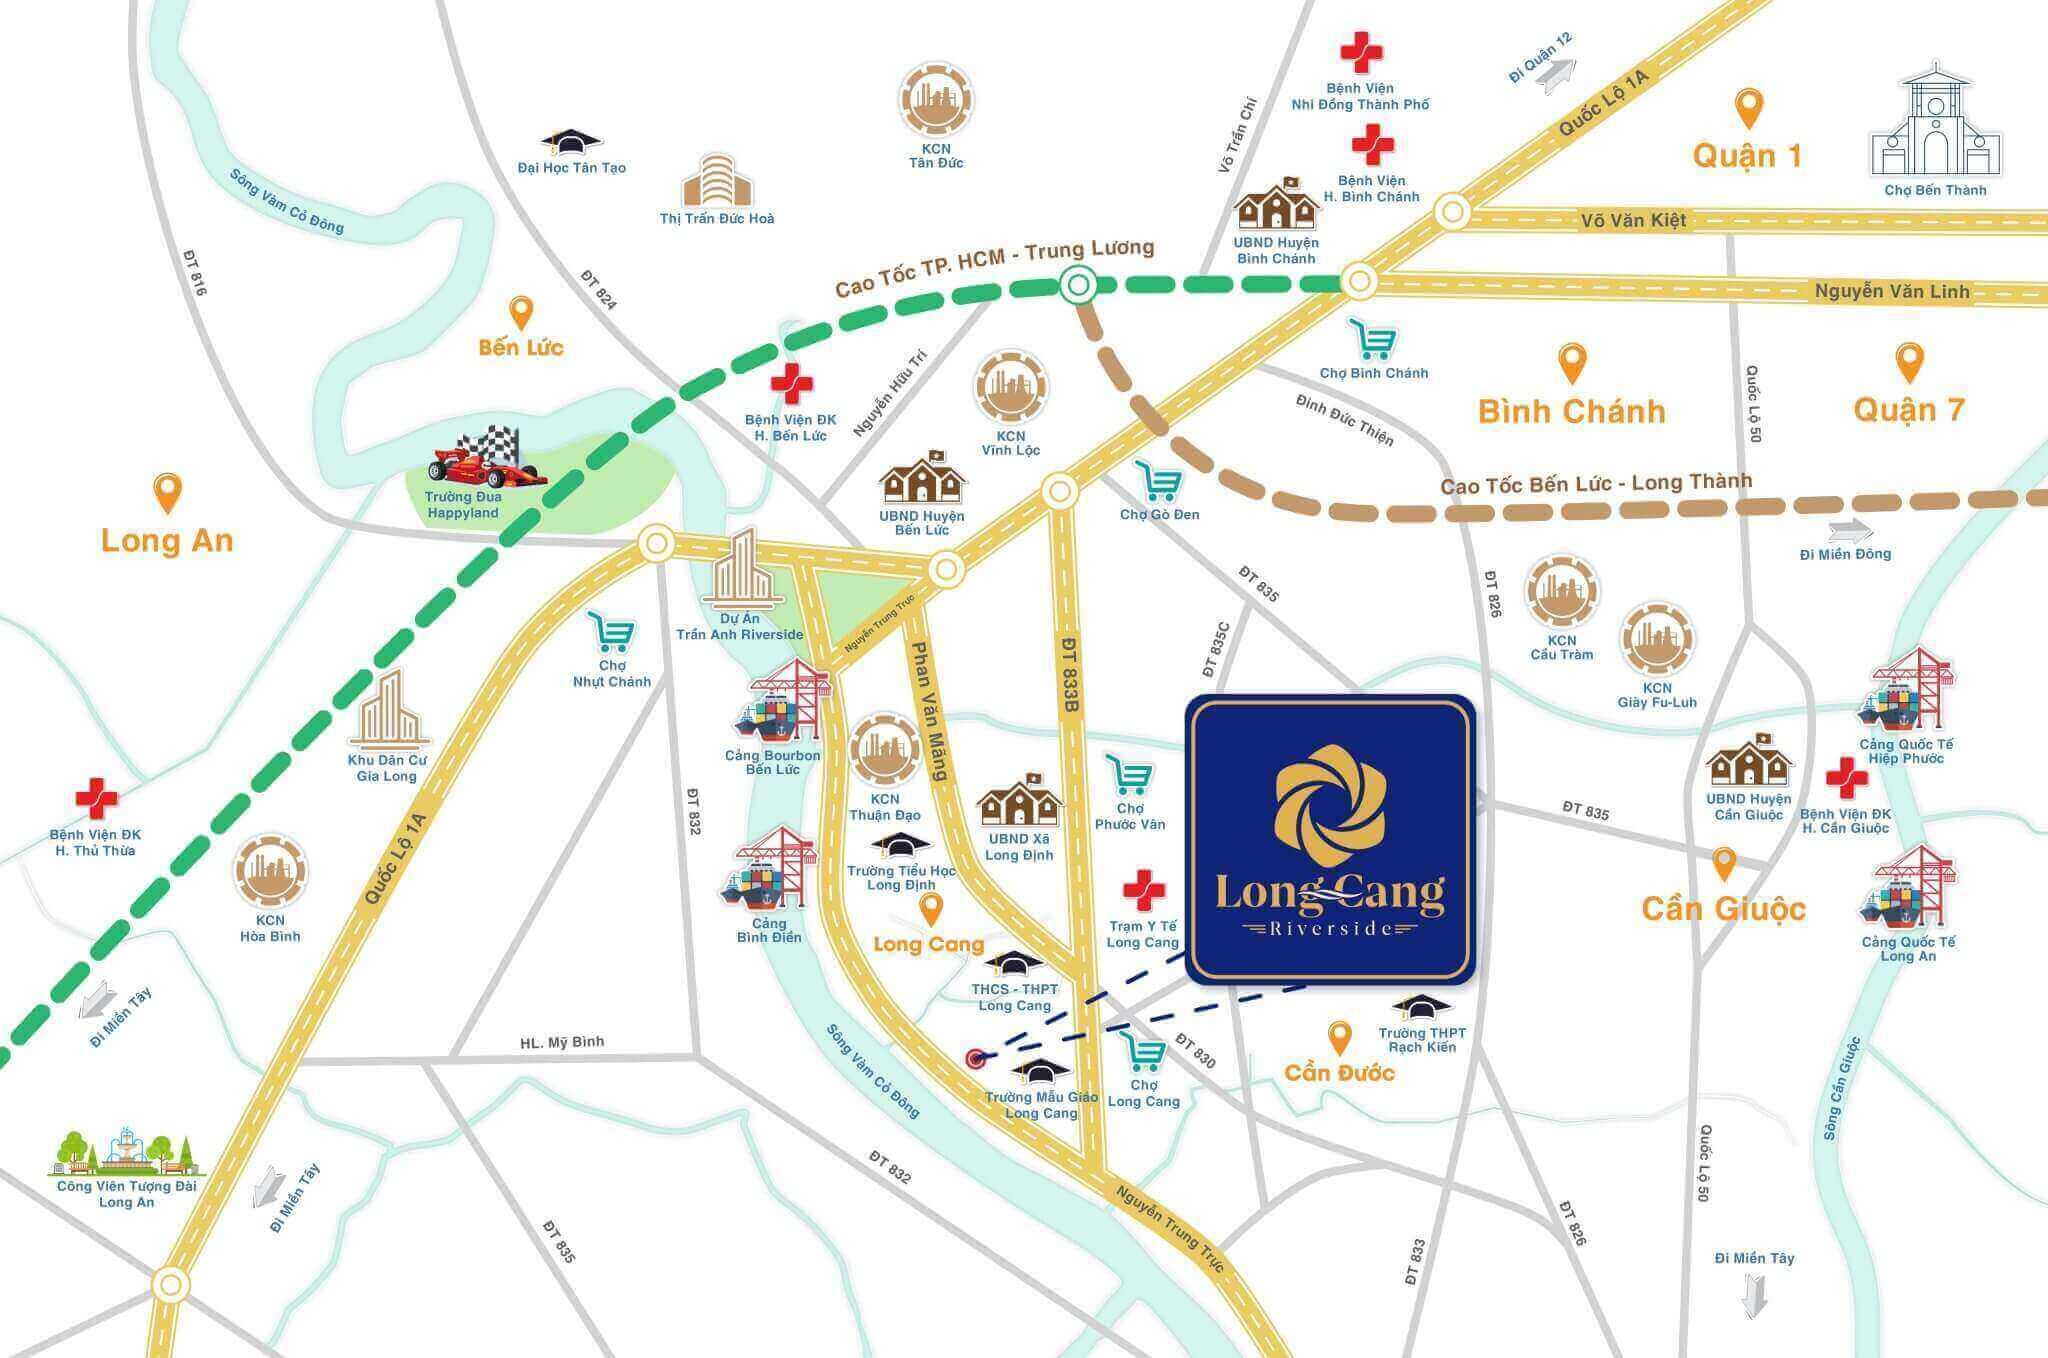 Vị Trí dự án Long Cang RiverPark